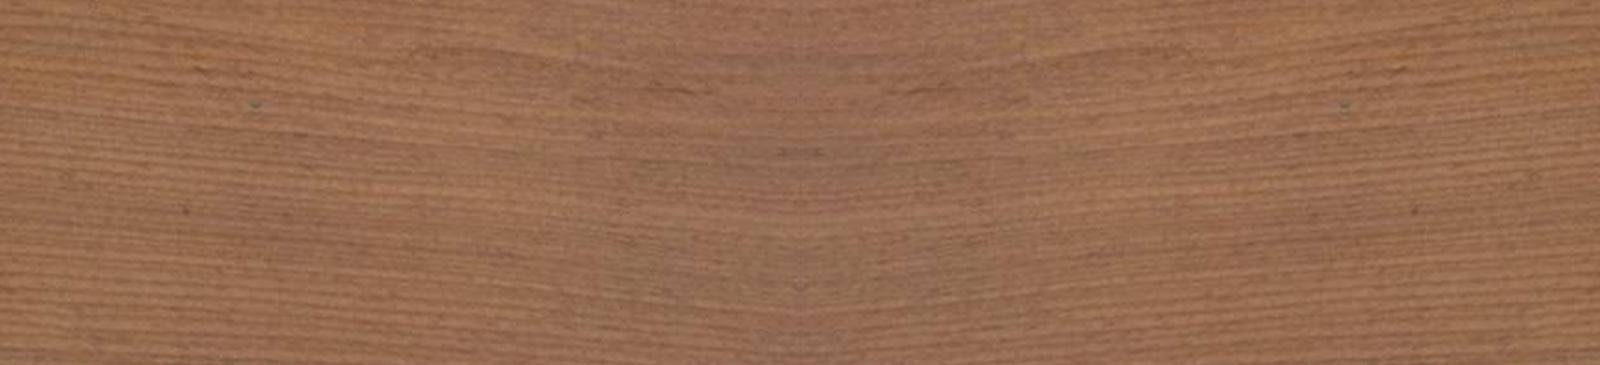 essence de bois cedre rouge us bois am rique du nord essarbois. Black Bedroom Furniture Sets. Home Design Ideas